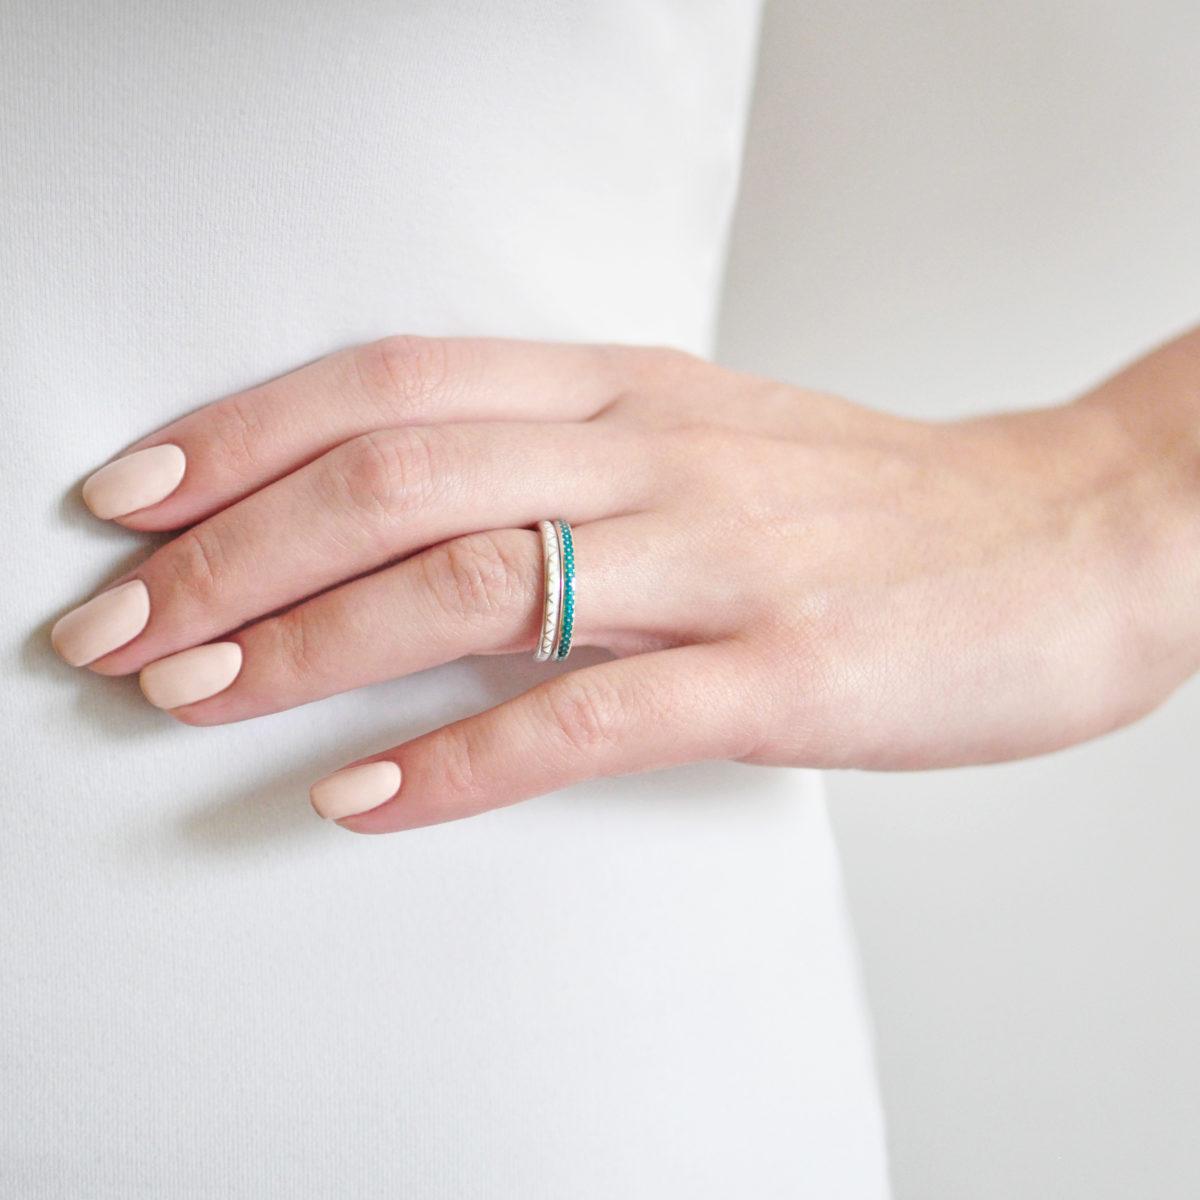 serebro 61.160 belaya 1200x1200 - Кольцо из серебра «Принцесса на горошине», белое